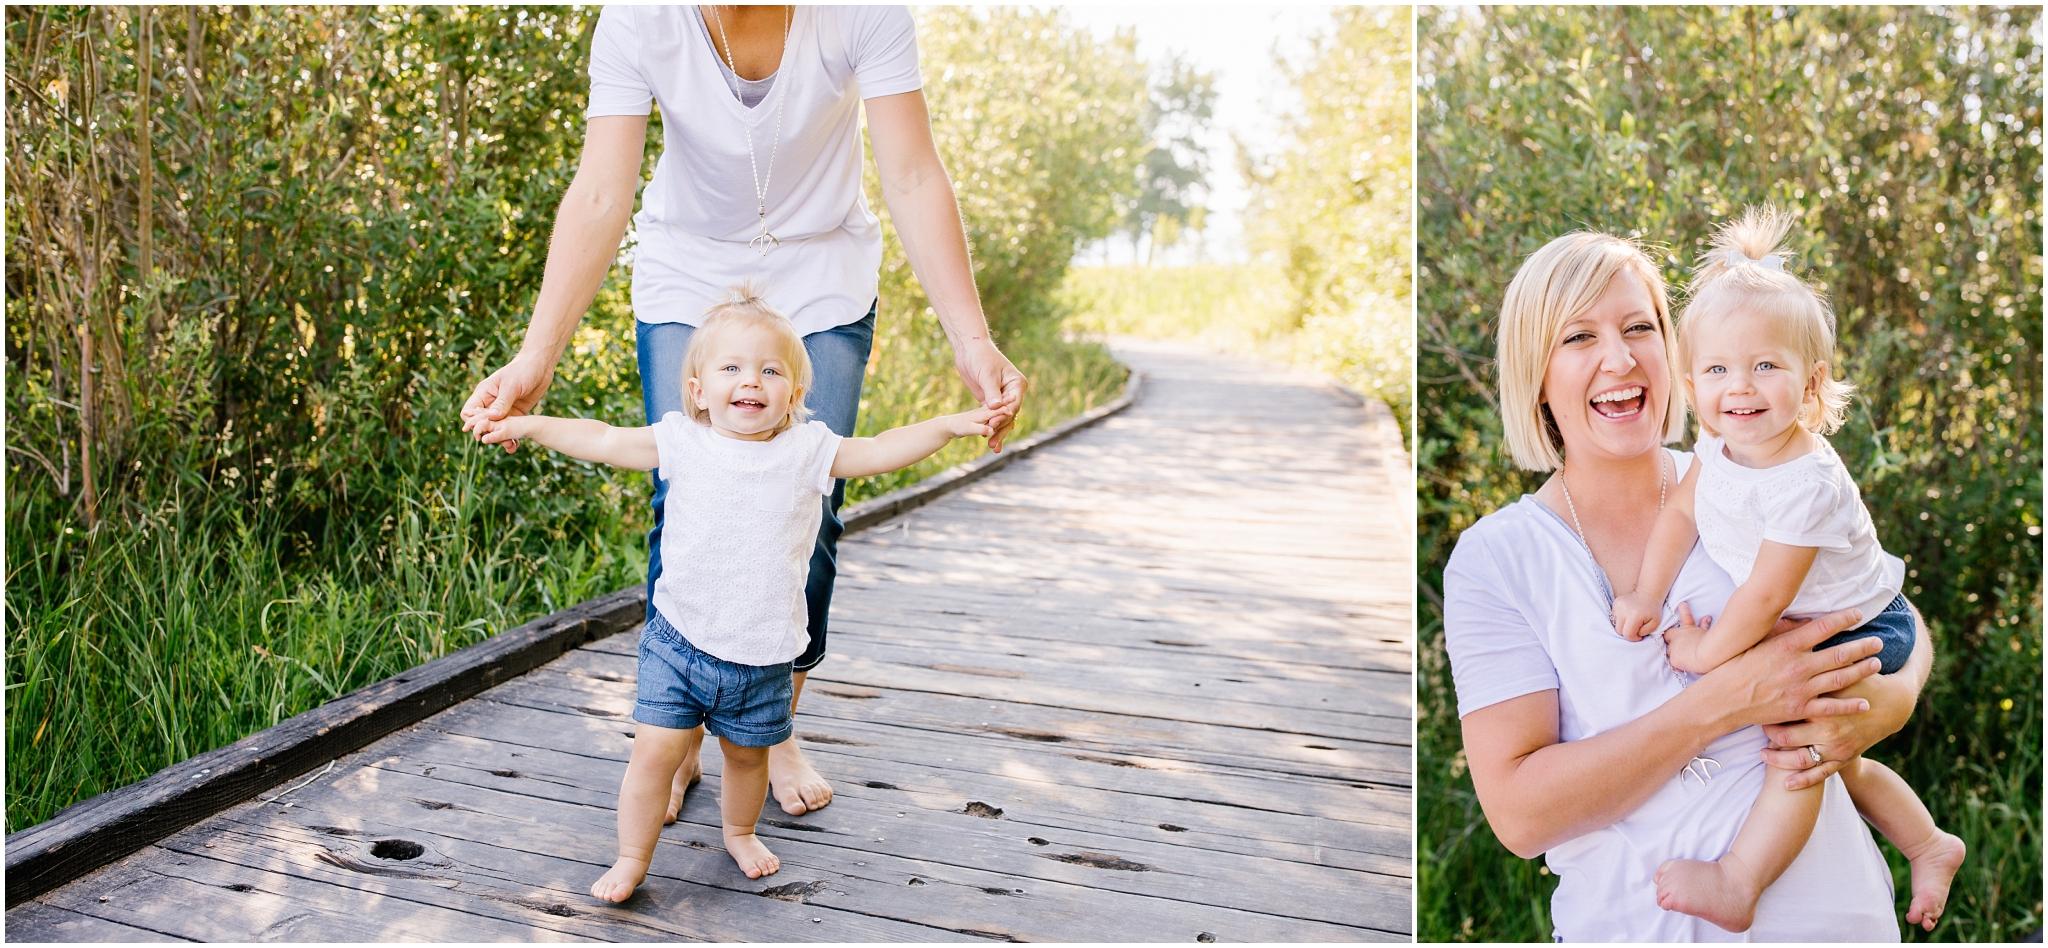 Harris-167_Lizzie-B-Imagery-Utah-Family-Photographer-Park-City-Salt-Lake-City-Bear-Lake-Idaho.jpg